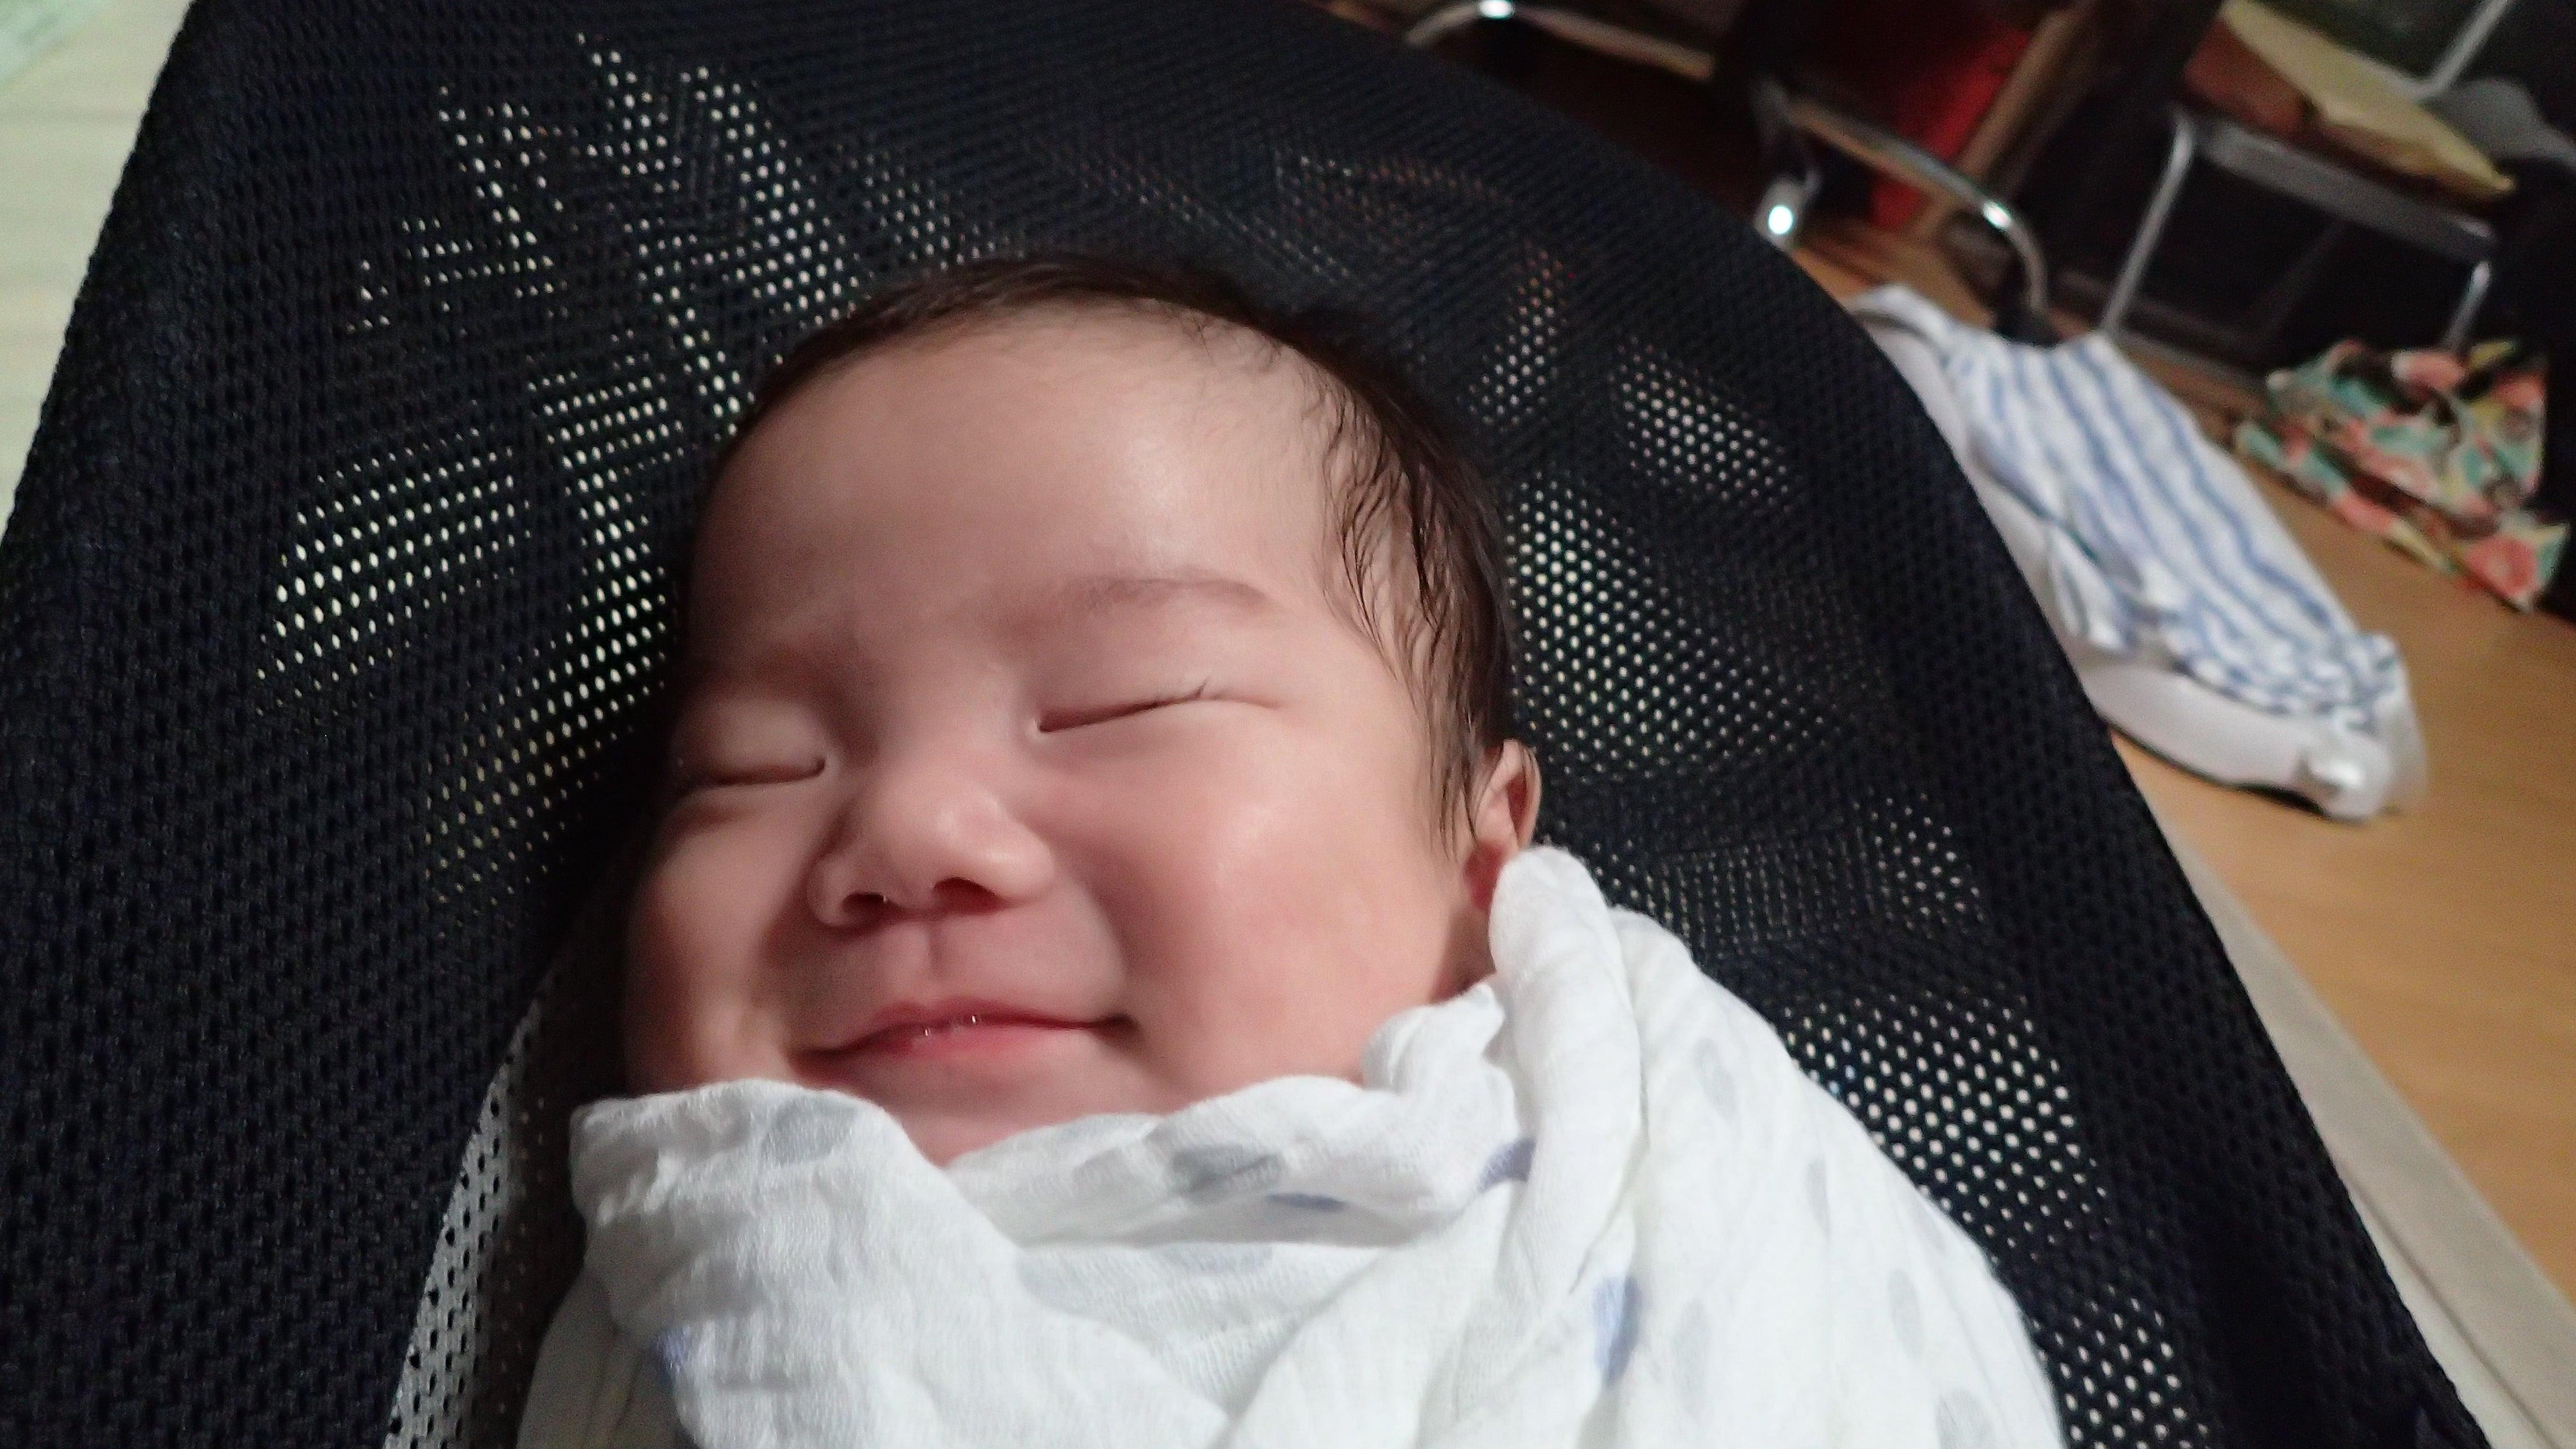 出産祝いに:出張産後満足パックのイメージその2